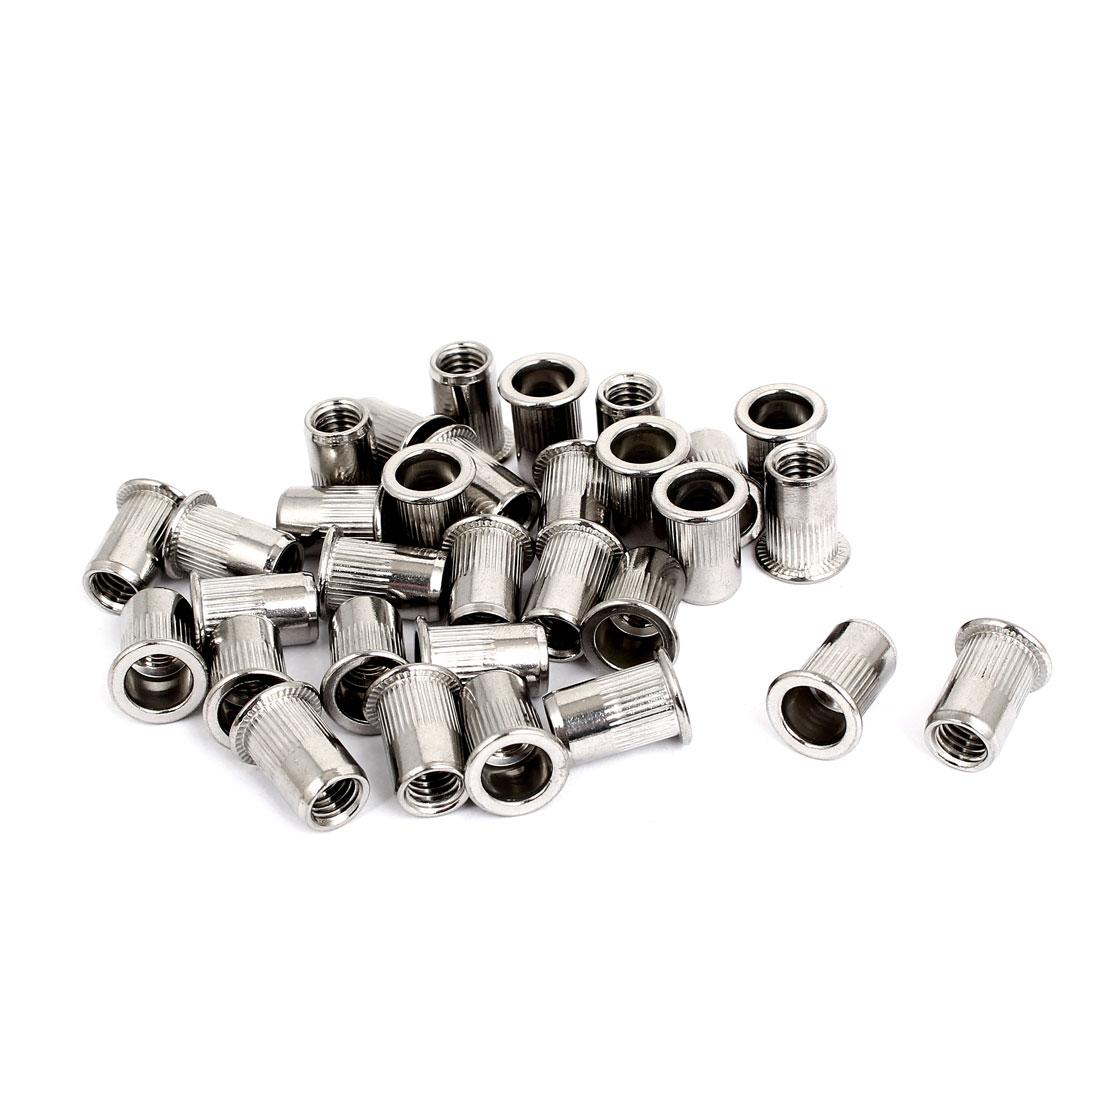 M8 Thread 304 Stainless Steel Rivet Nut Insert Nutsert 30pcs